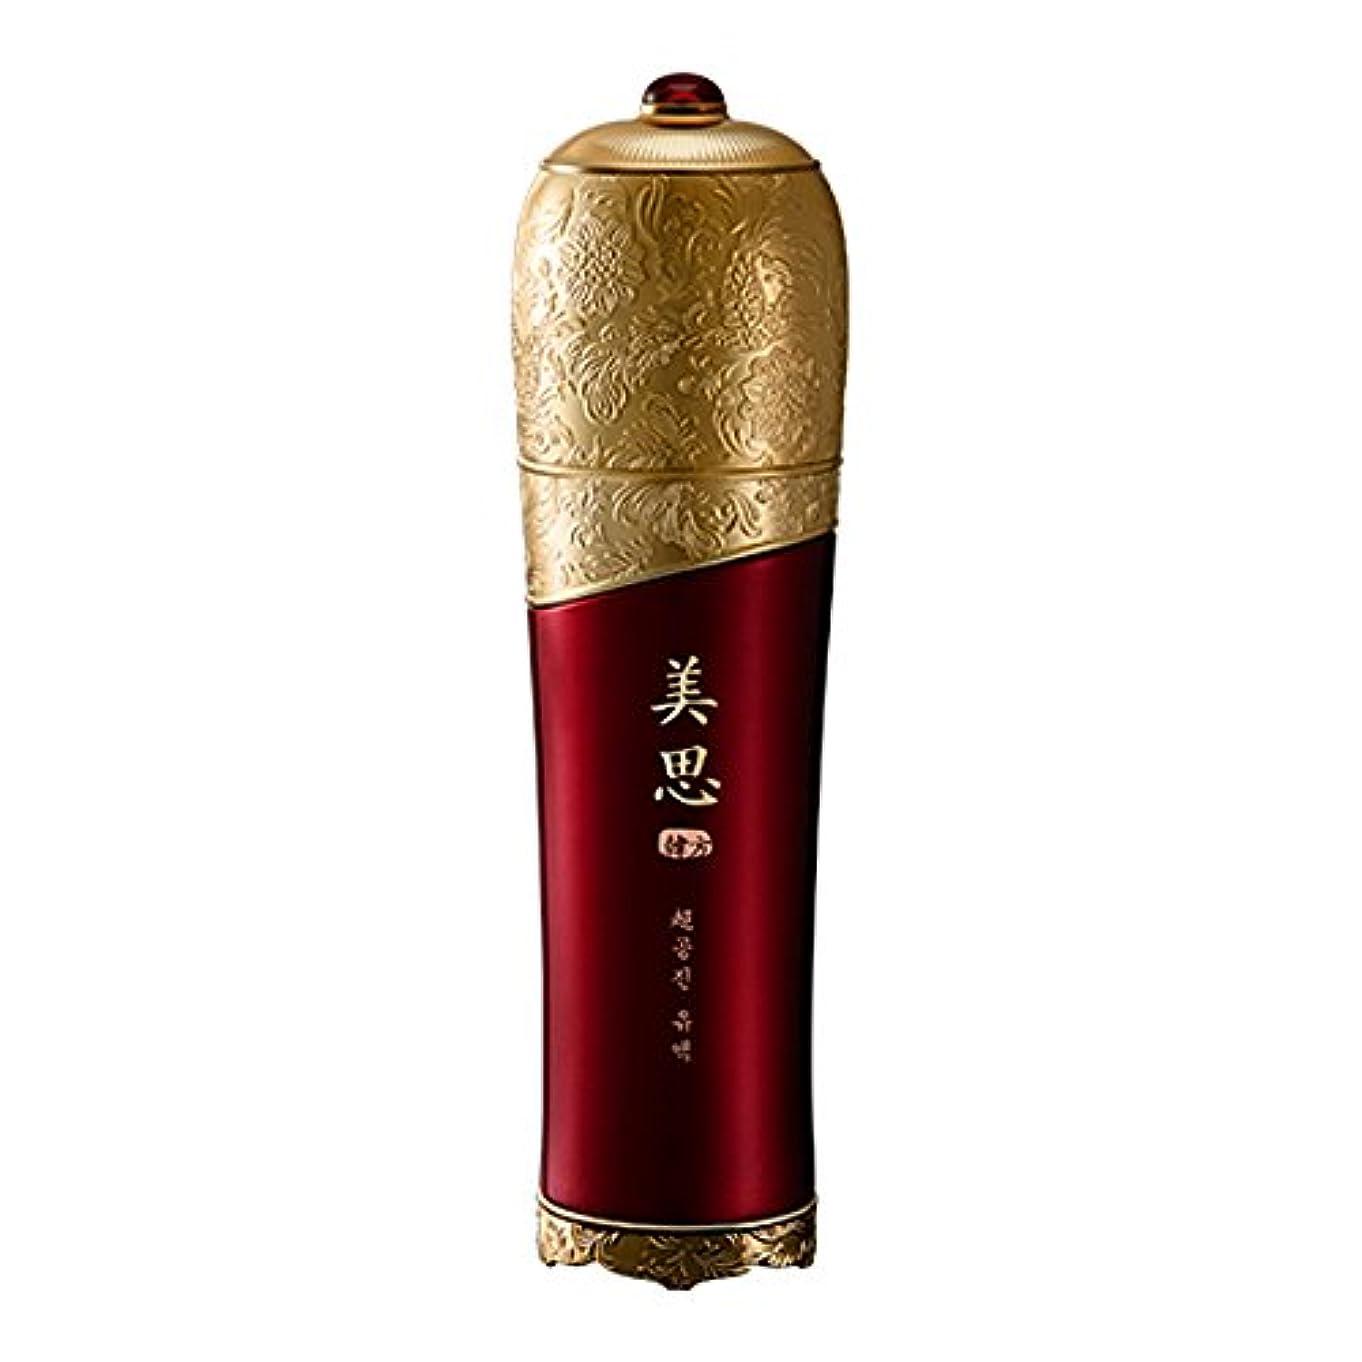 発見焼くわざわざMISSHA(ミシャ)美思 韓方 旧チョボヤン (超)チョゴンジン 乳液 基礎化粧品 スキンケア